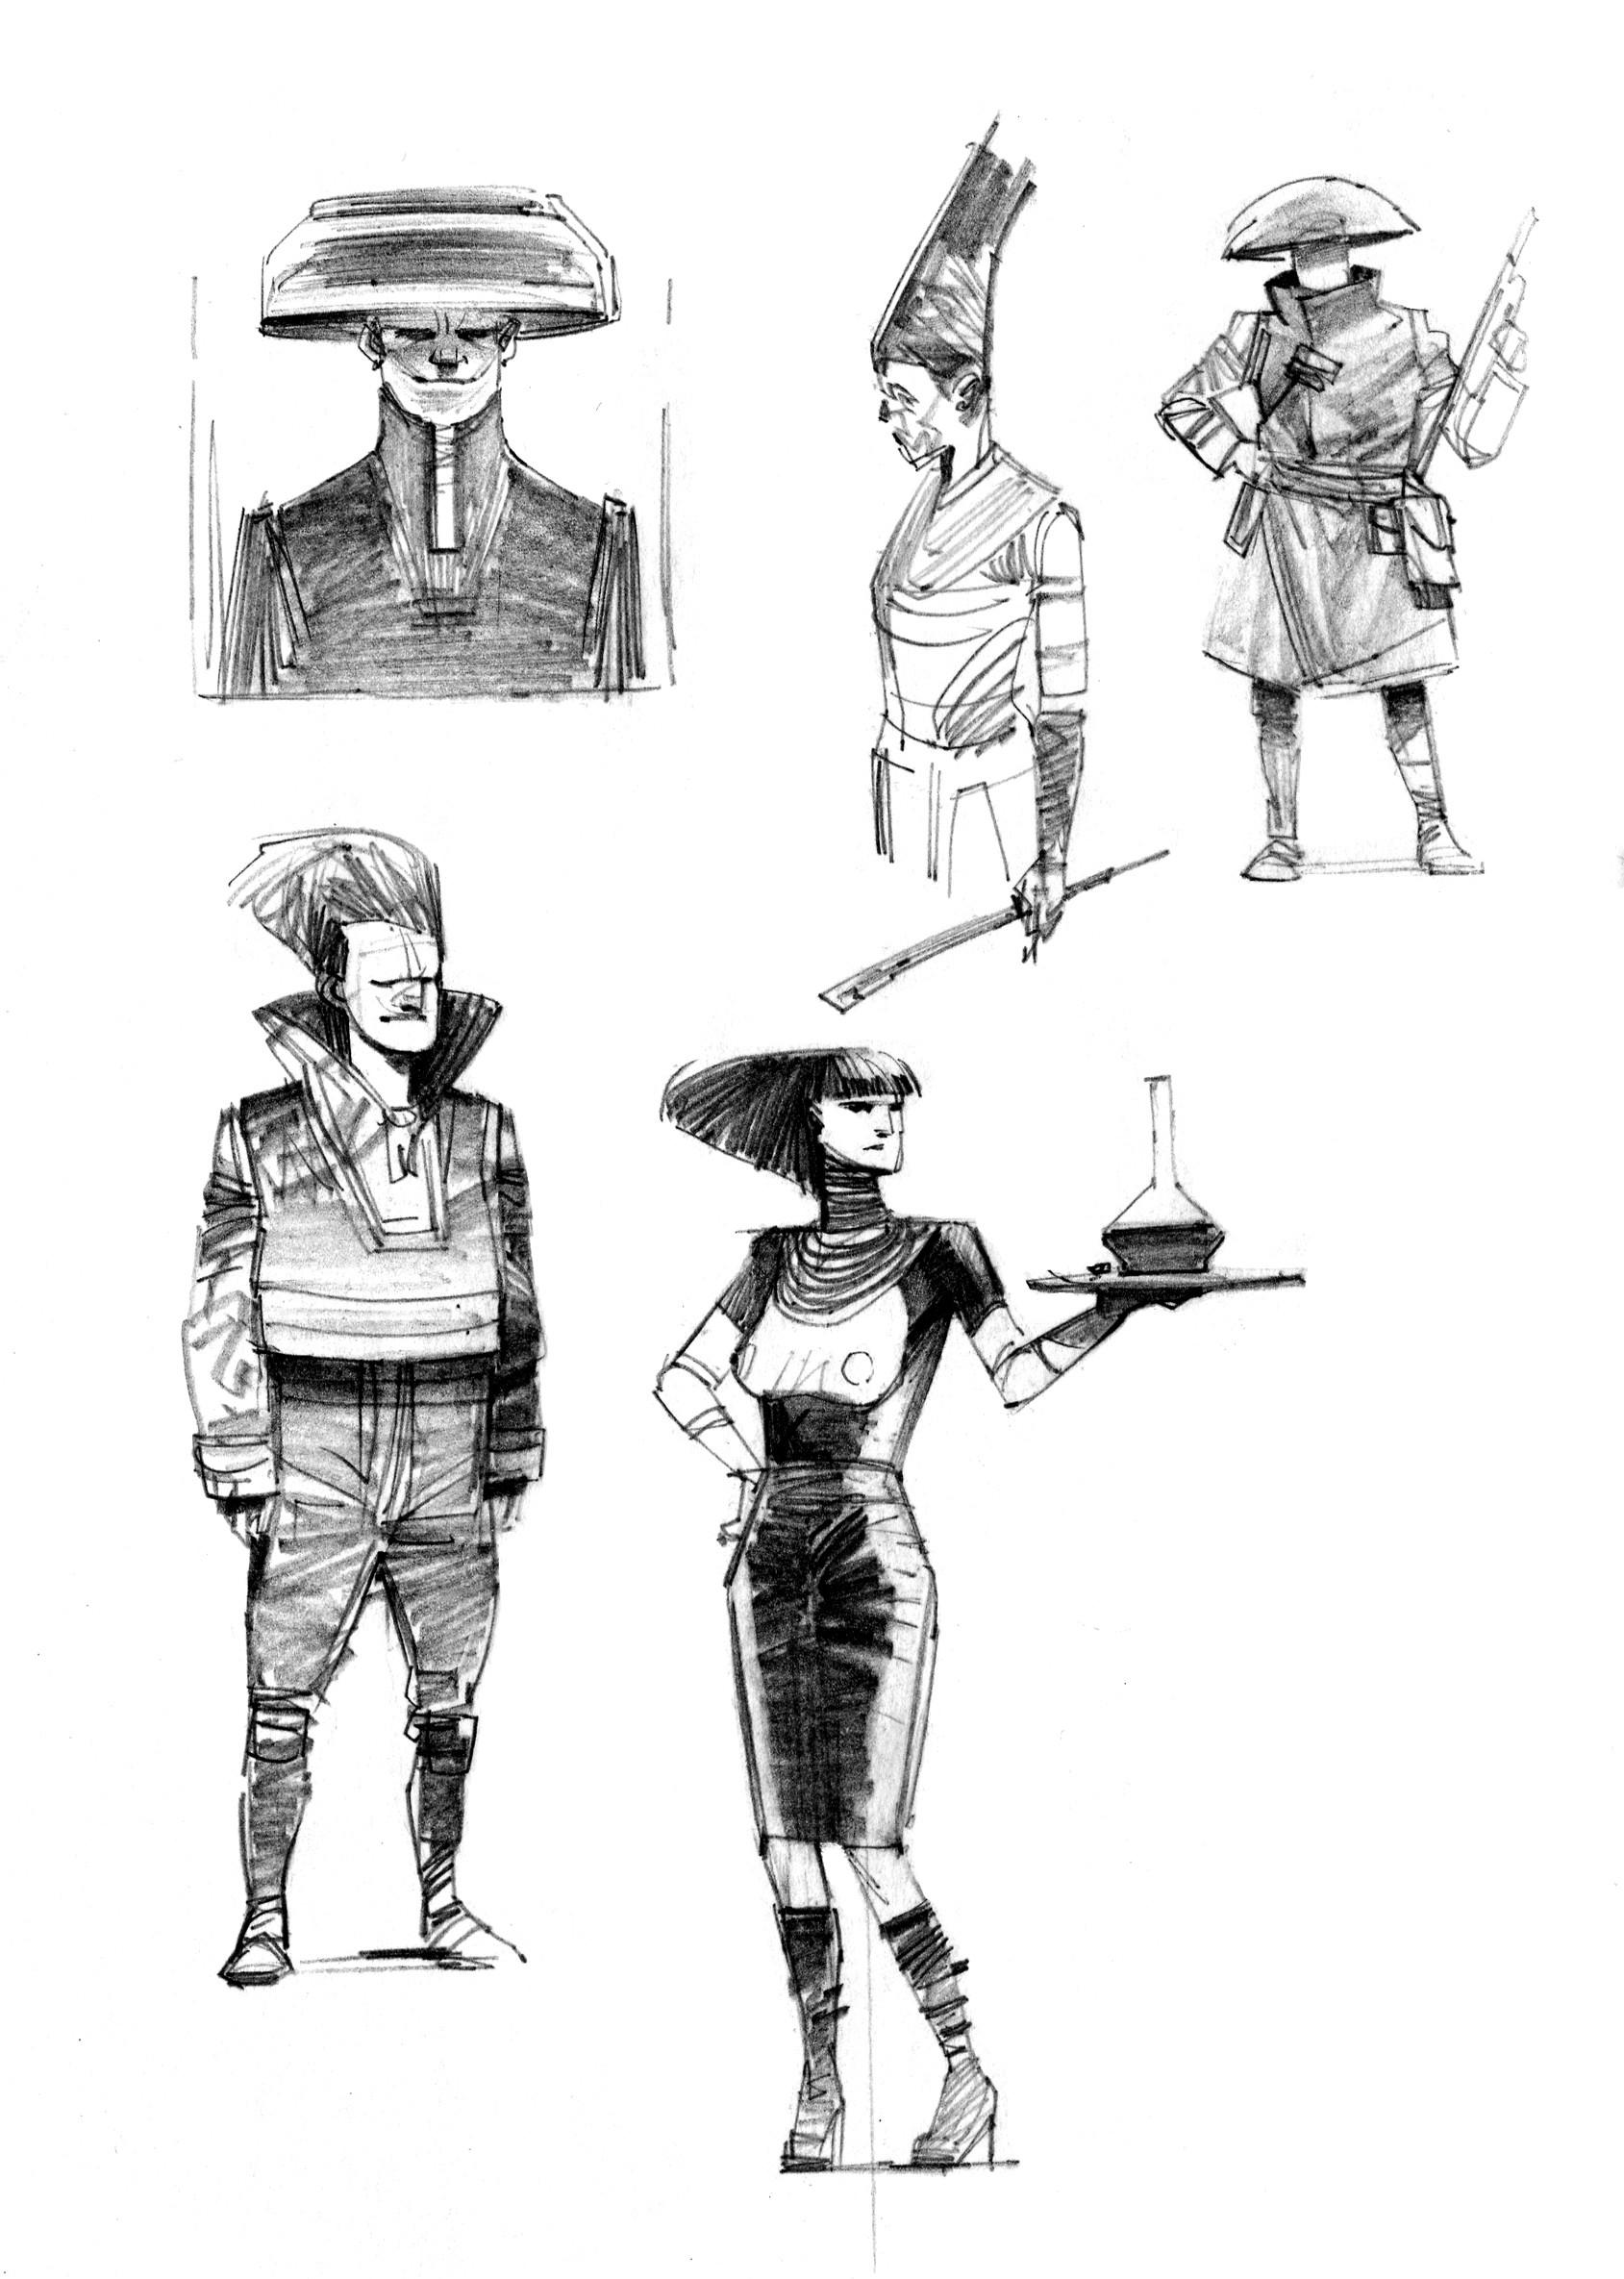 Renaud roche sketchbook09